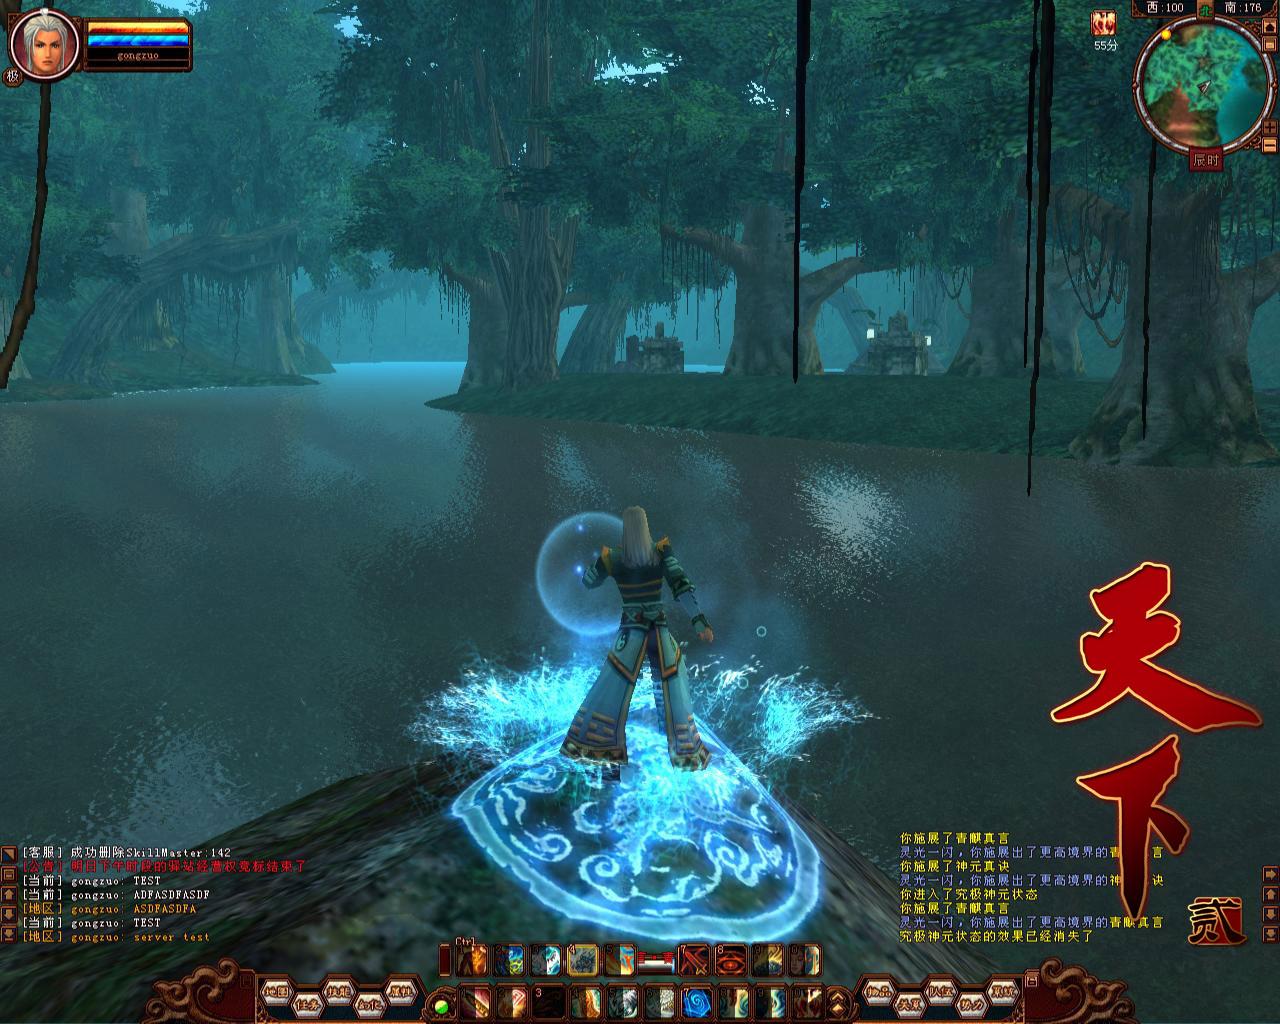 《天下贰》游戏画面